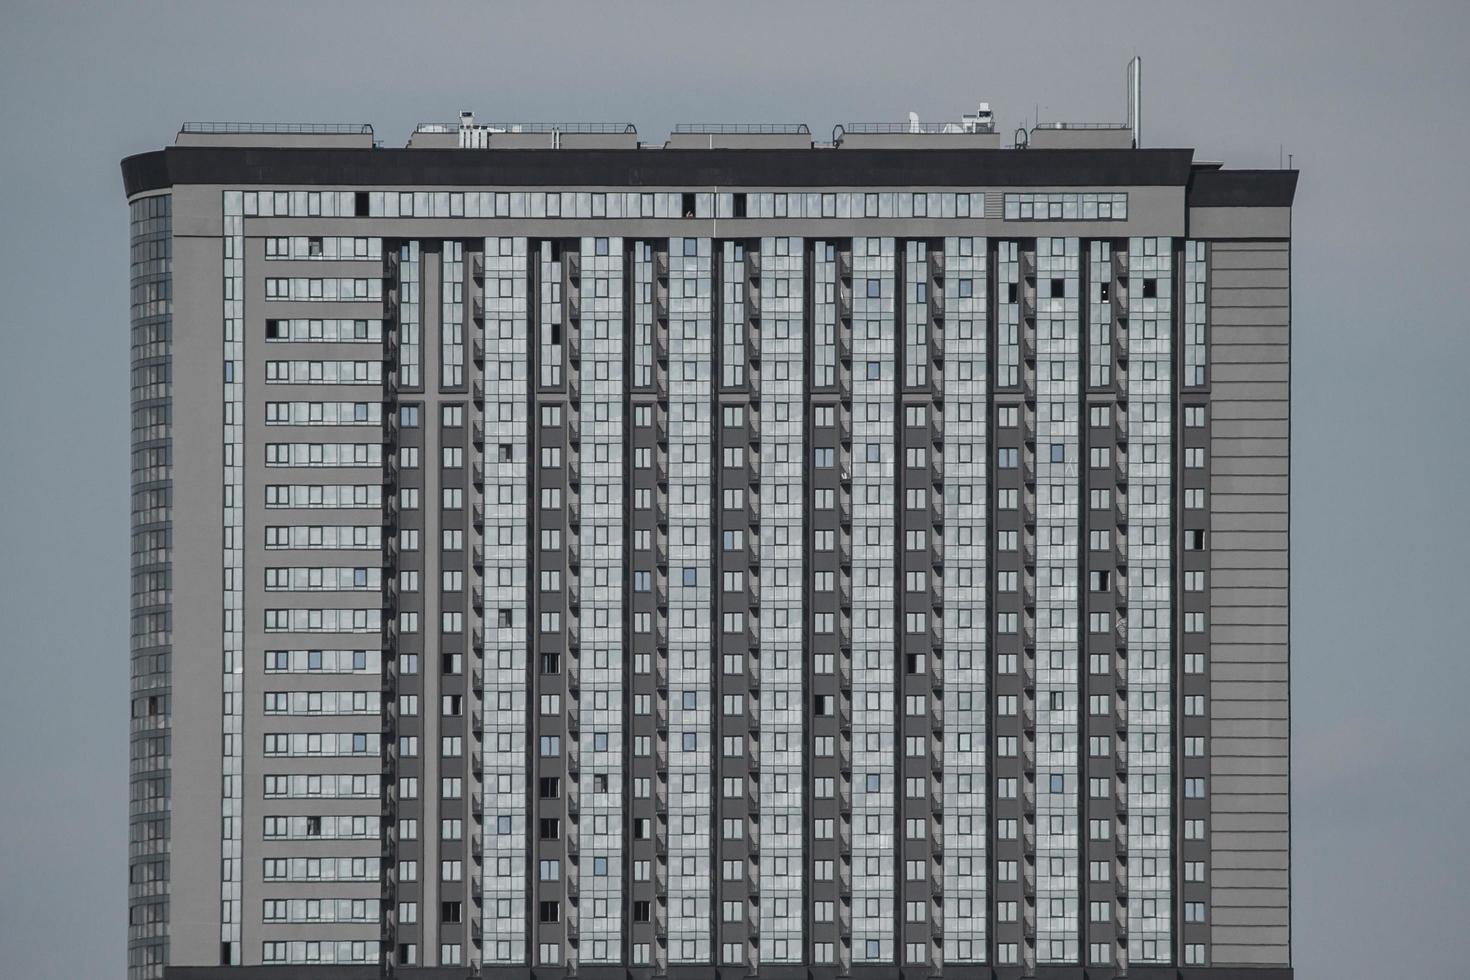 façade d'un immeuble de bureaux. photo